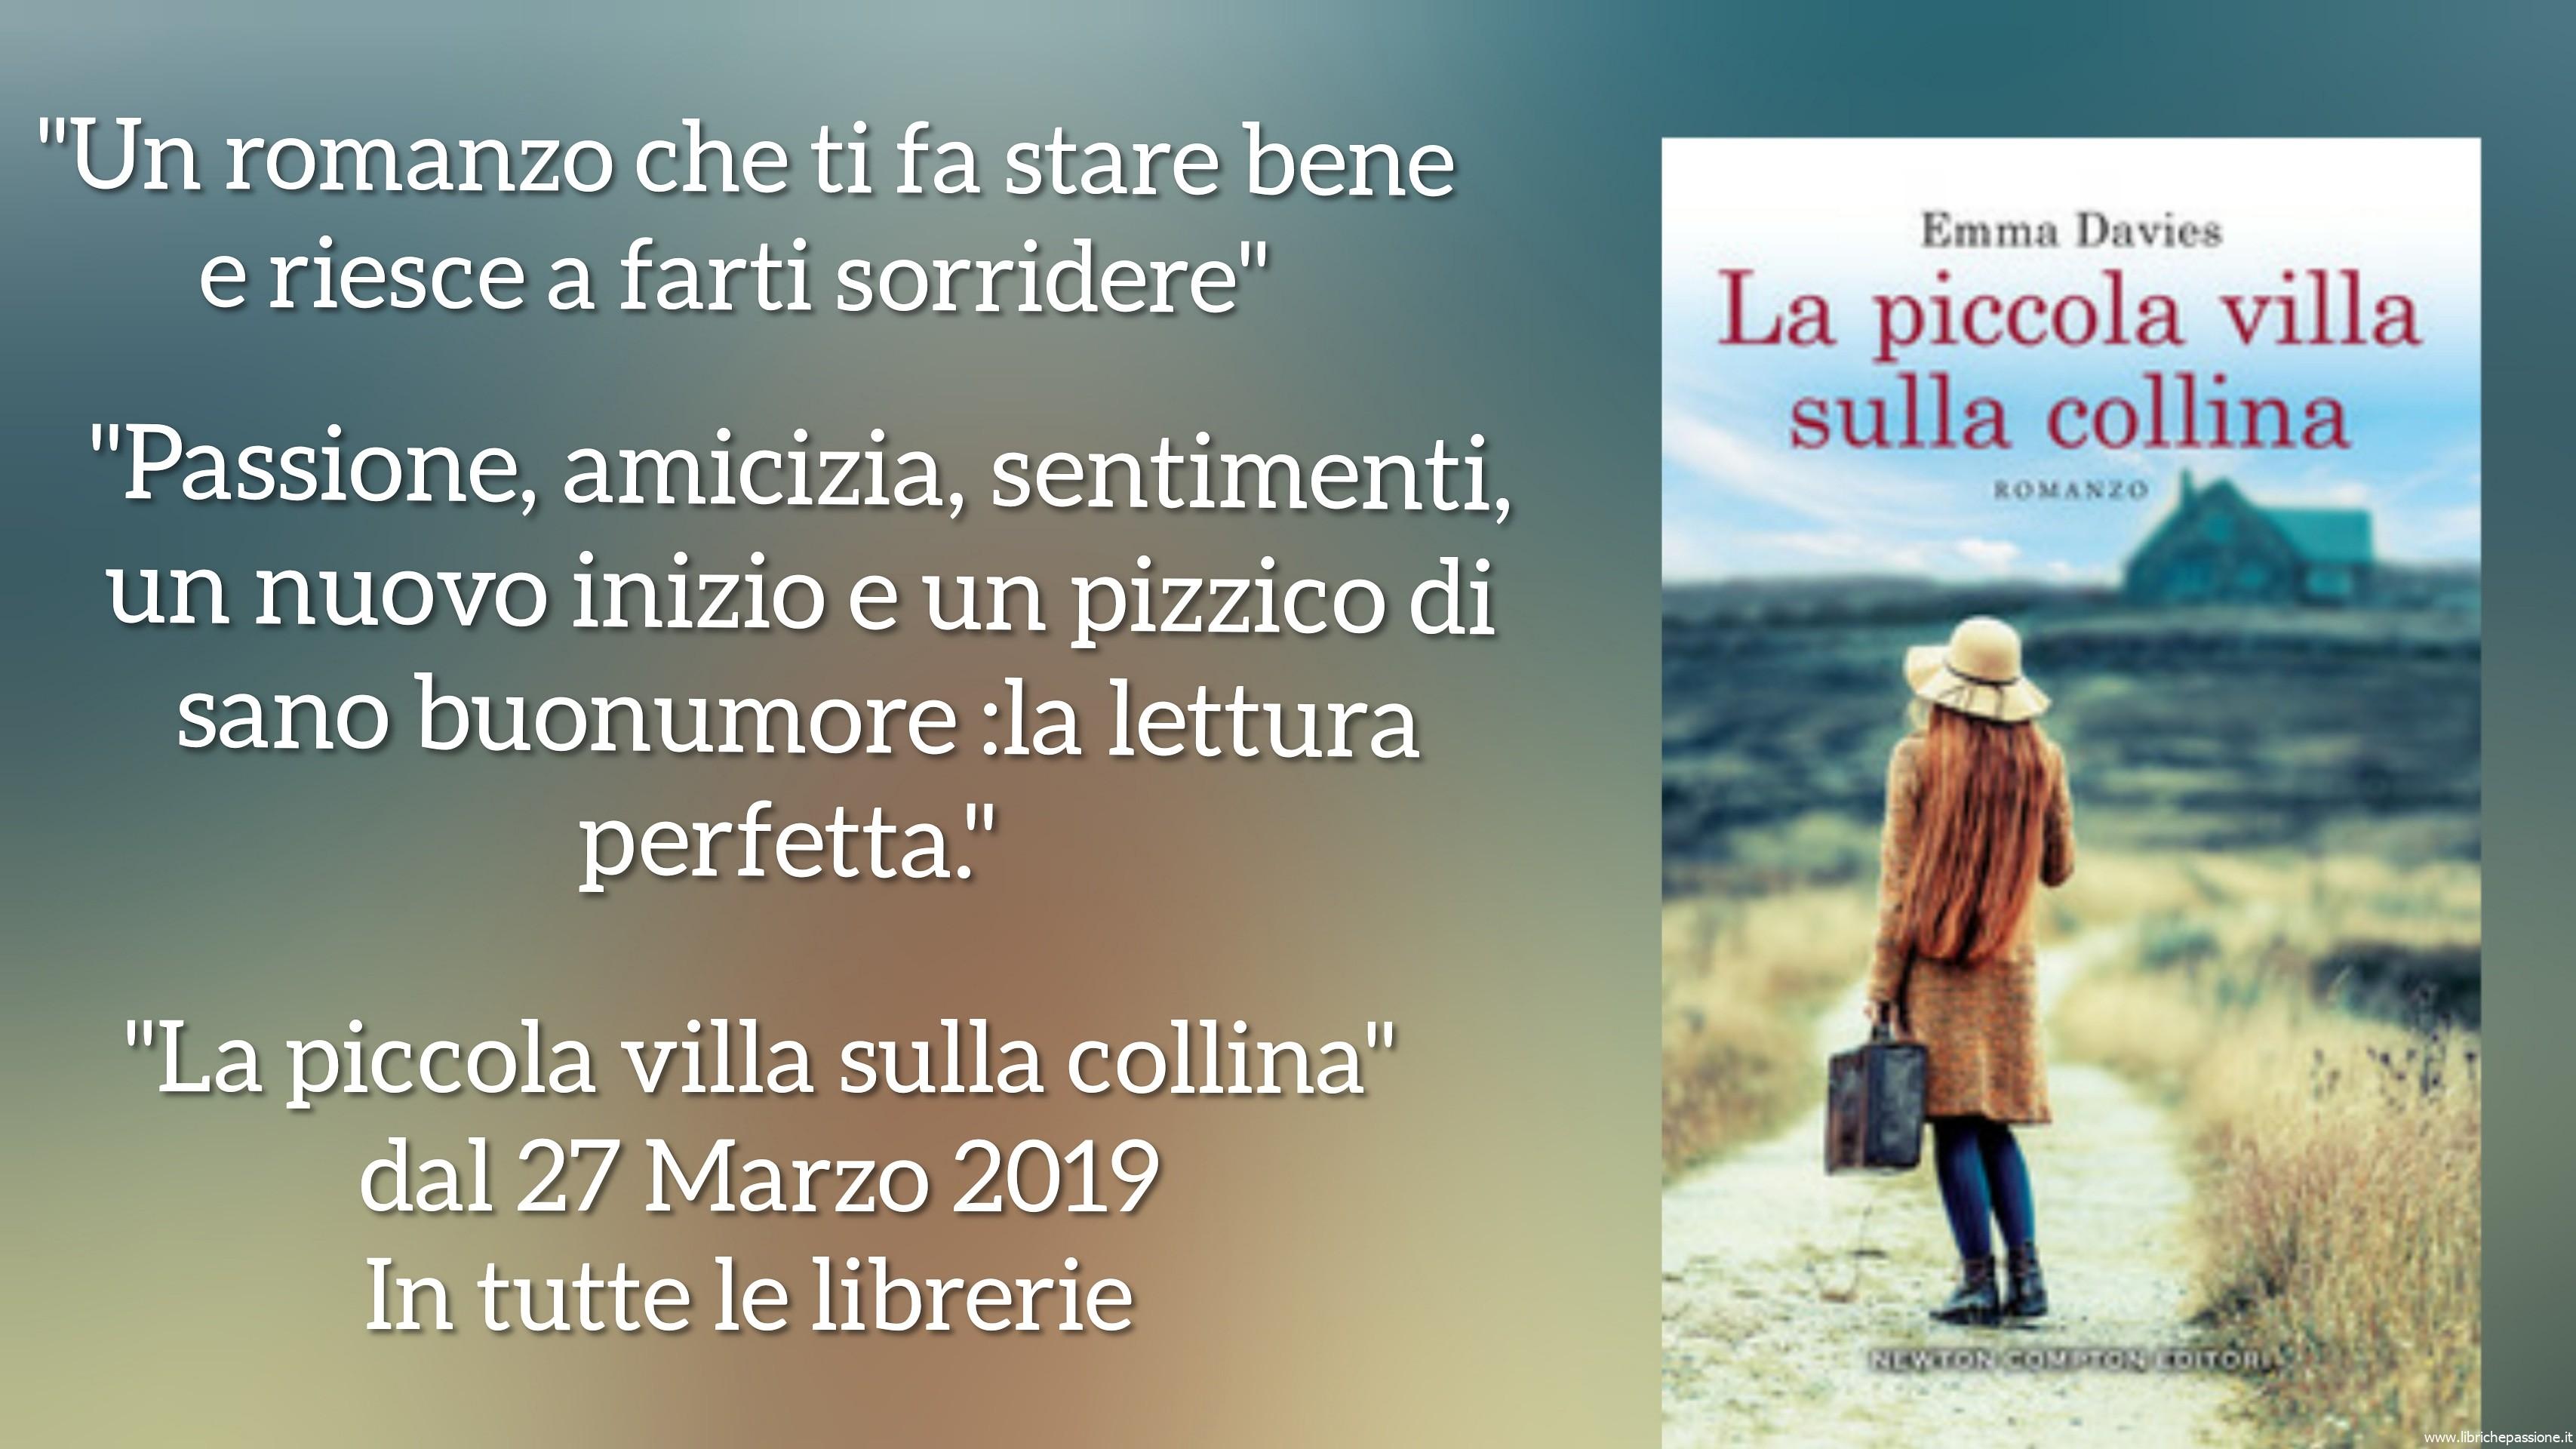 """""""La piccola villa sulla collina"""" Autrice Emma Davies, Newton Compton Editori. In libreria dal 27 Marzo 2019"""